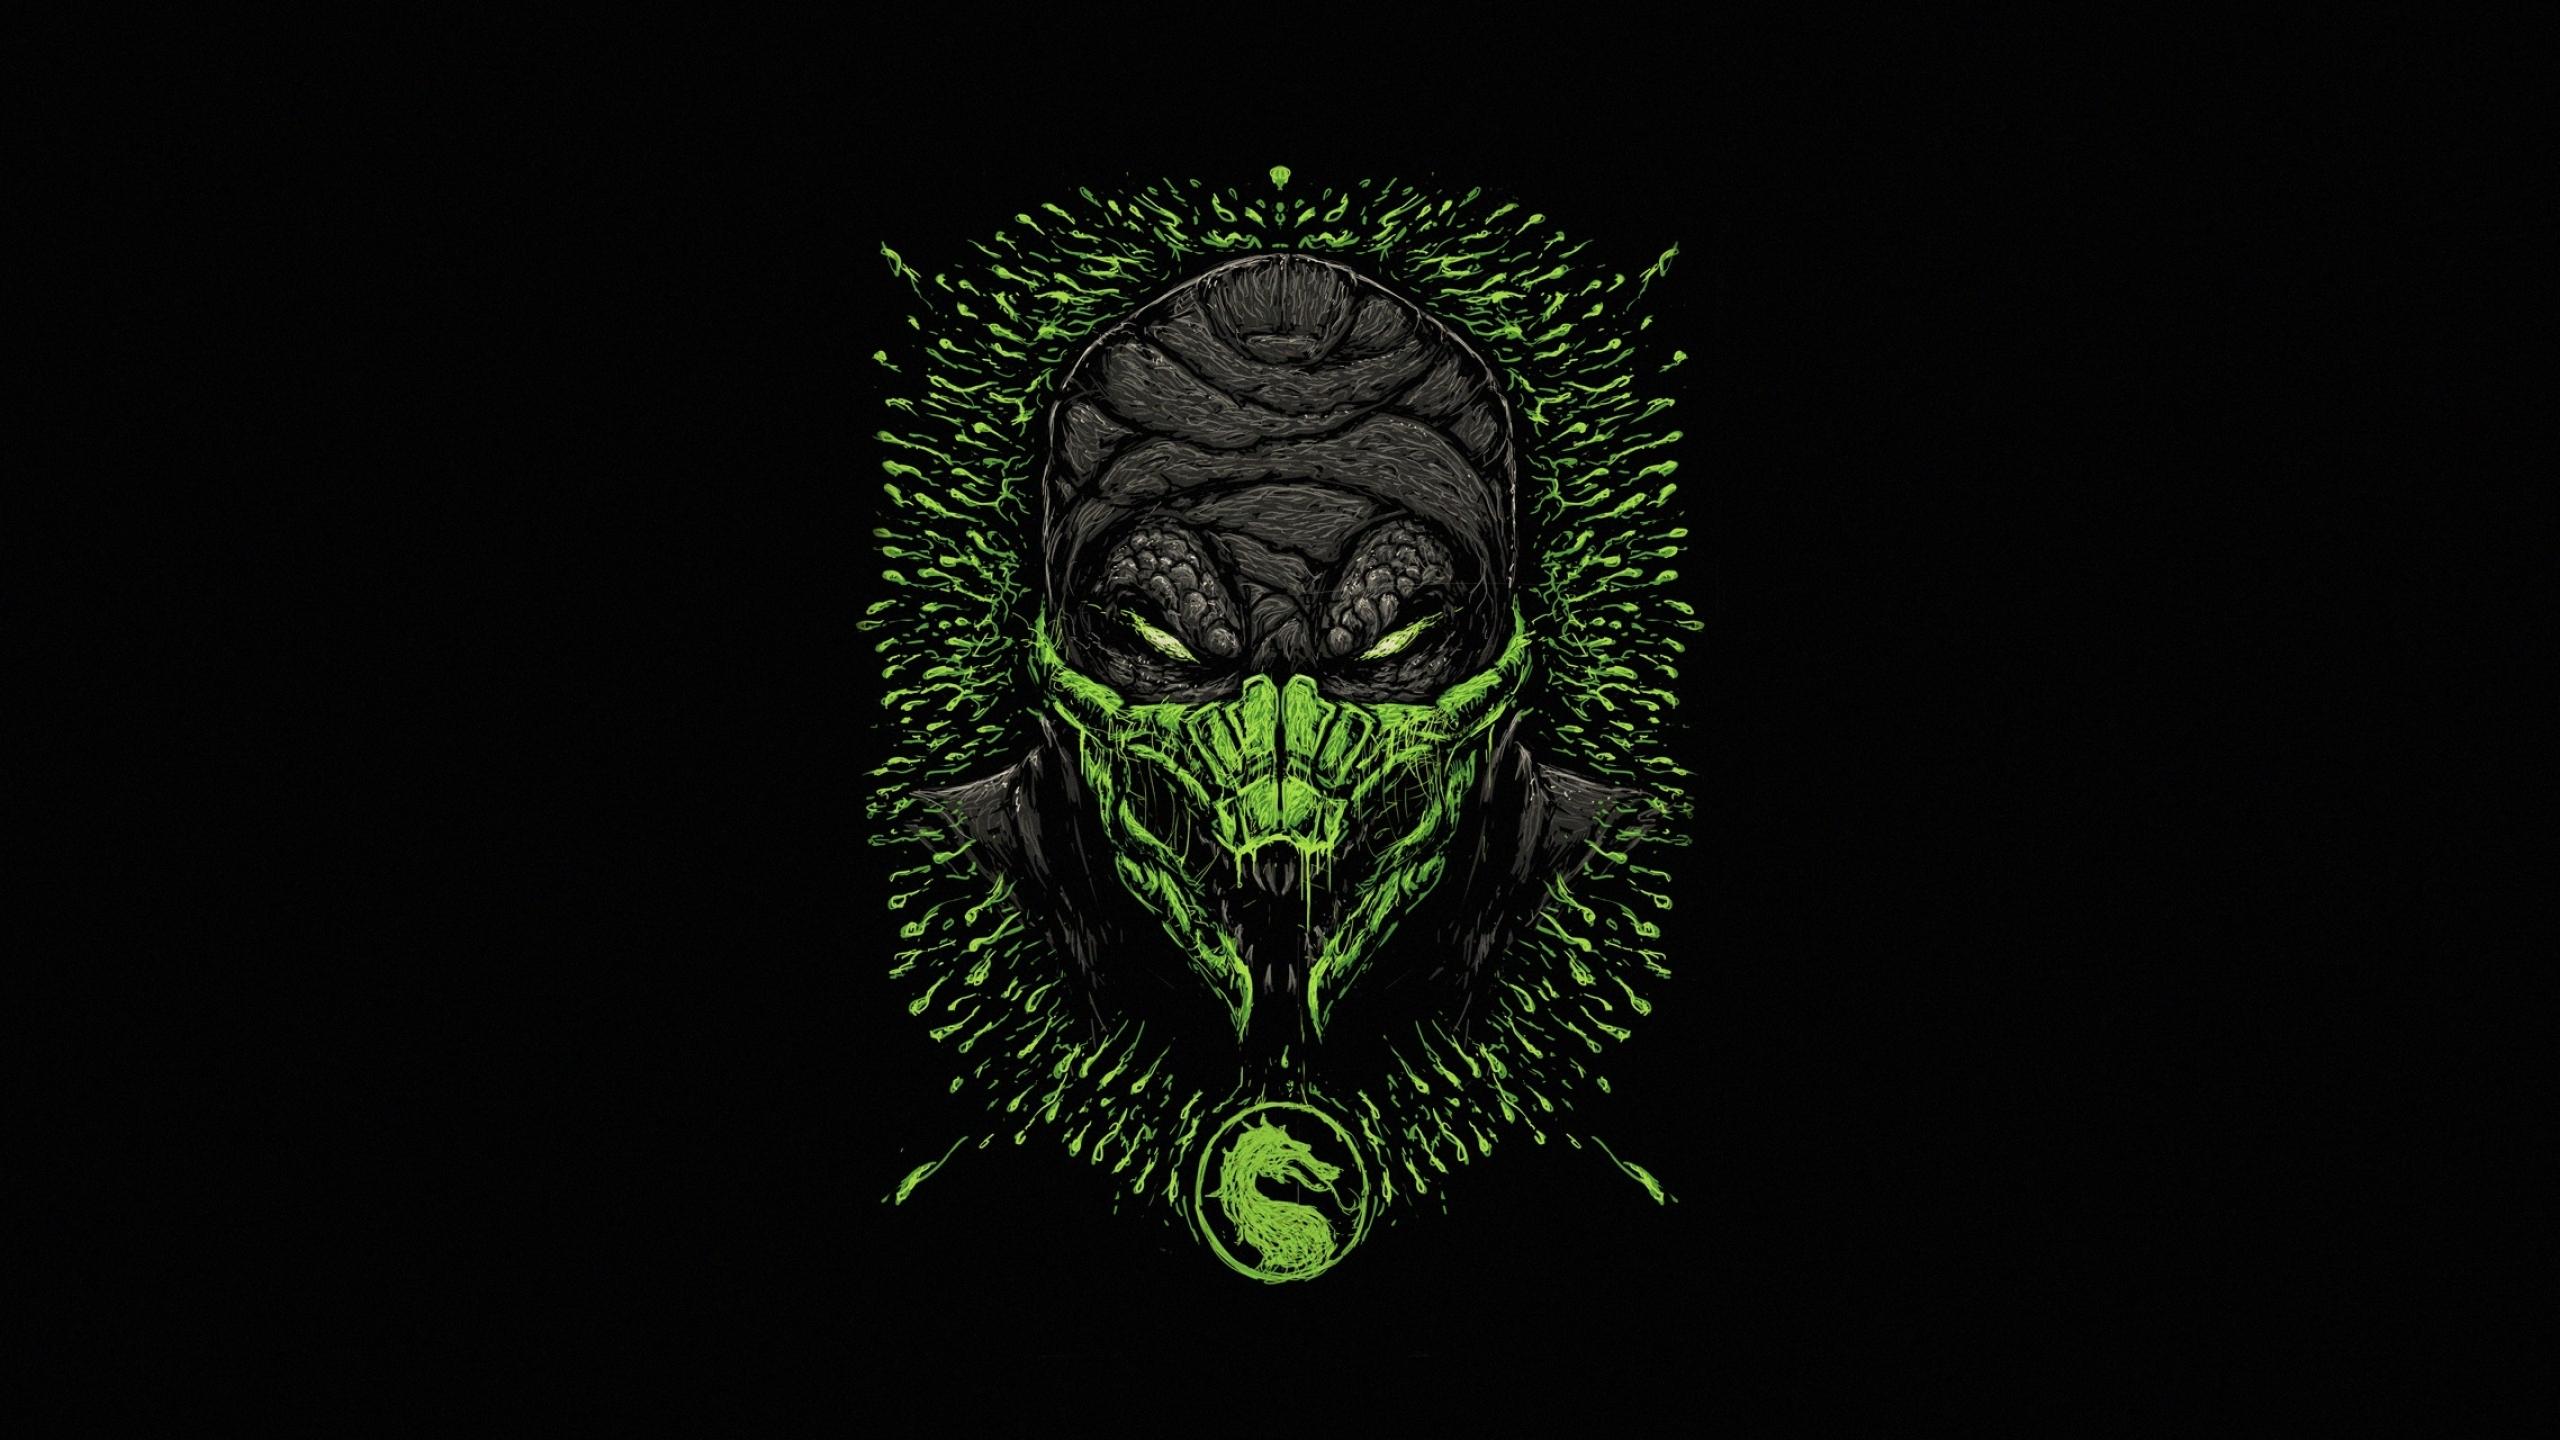 2560x1440 Reptile Mortal Kombat Minimal 1440p Resolution Wallpaper